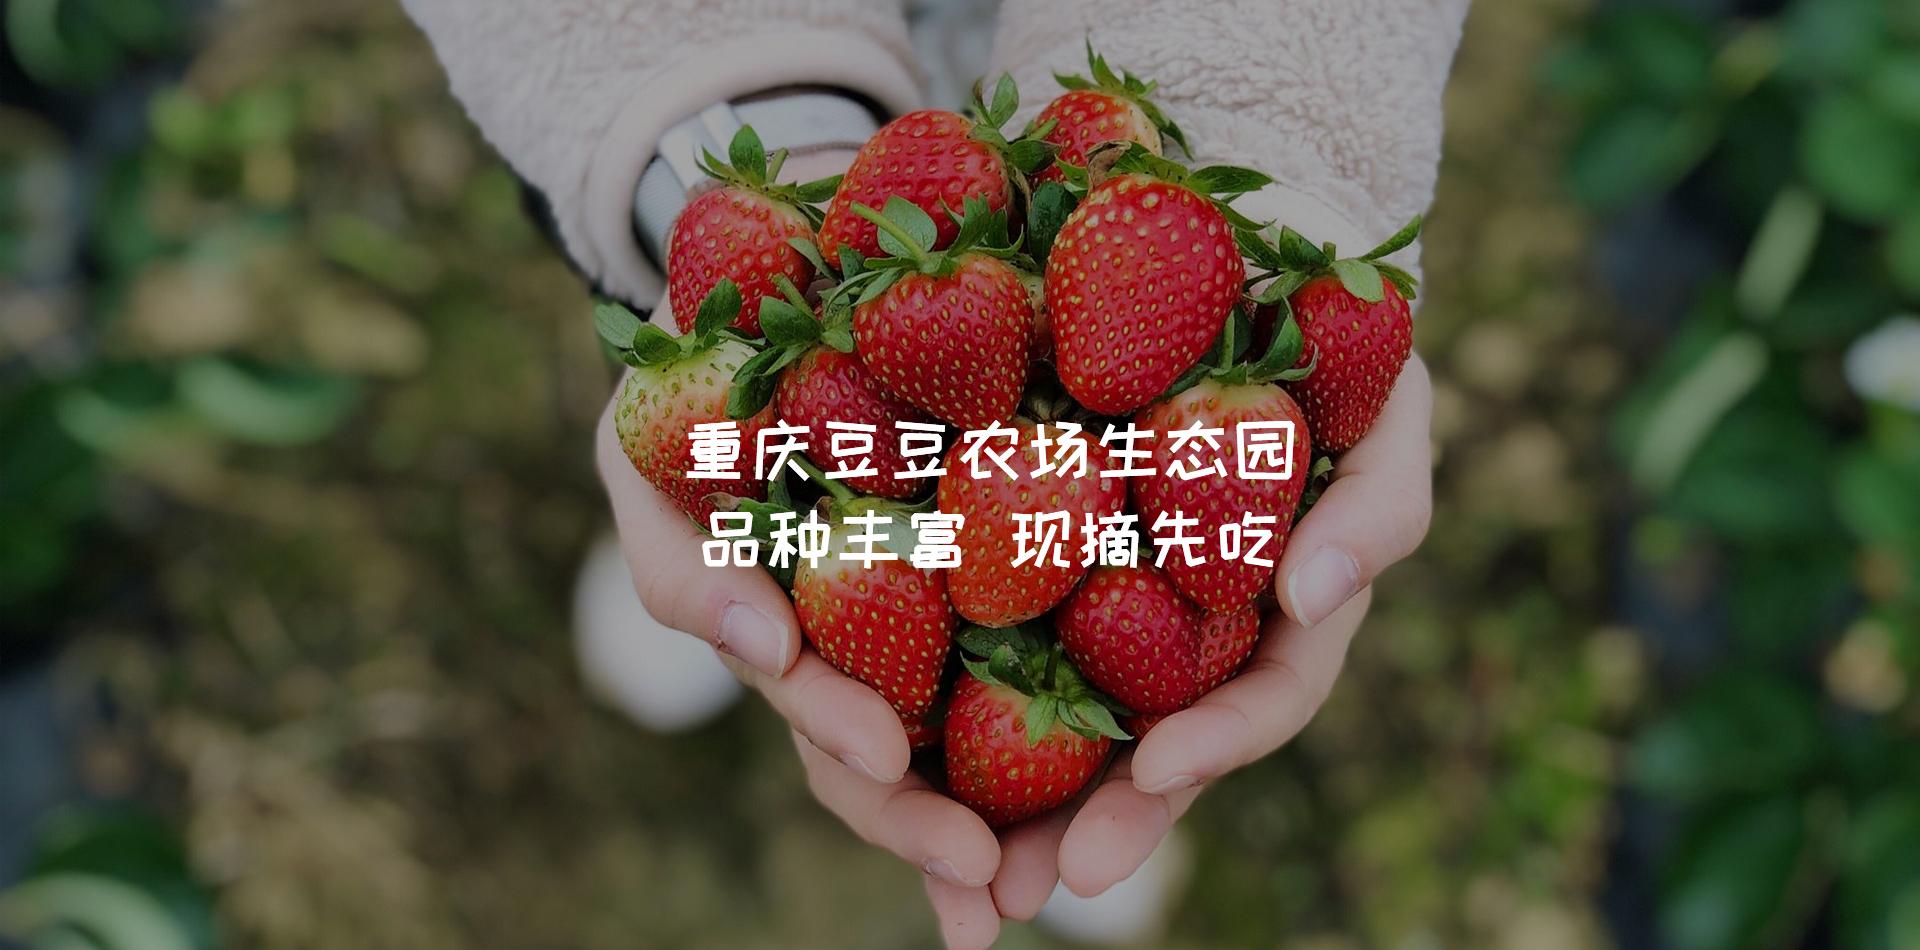 江北樱桃草莓采摘基地